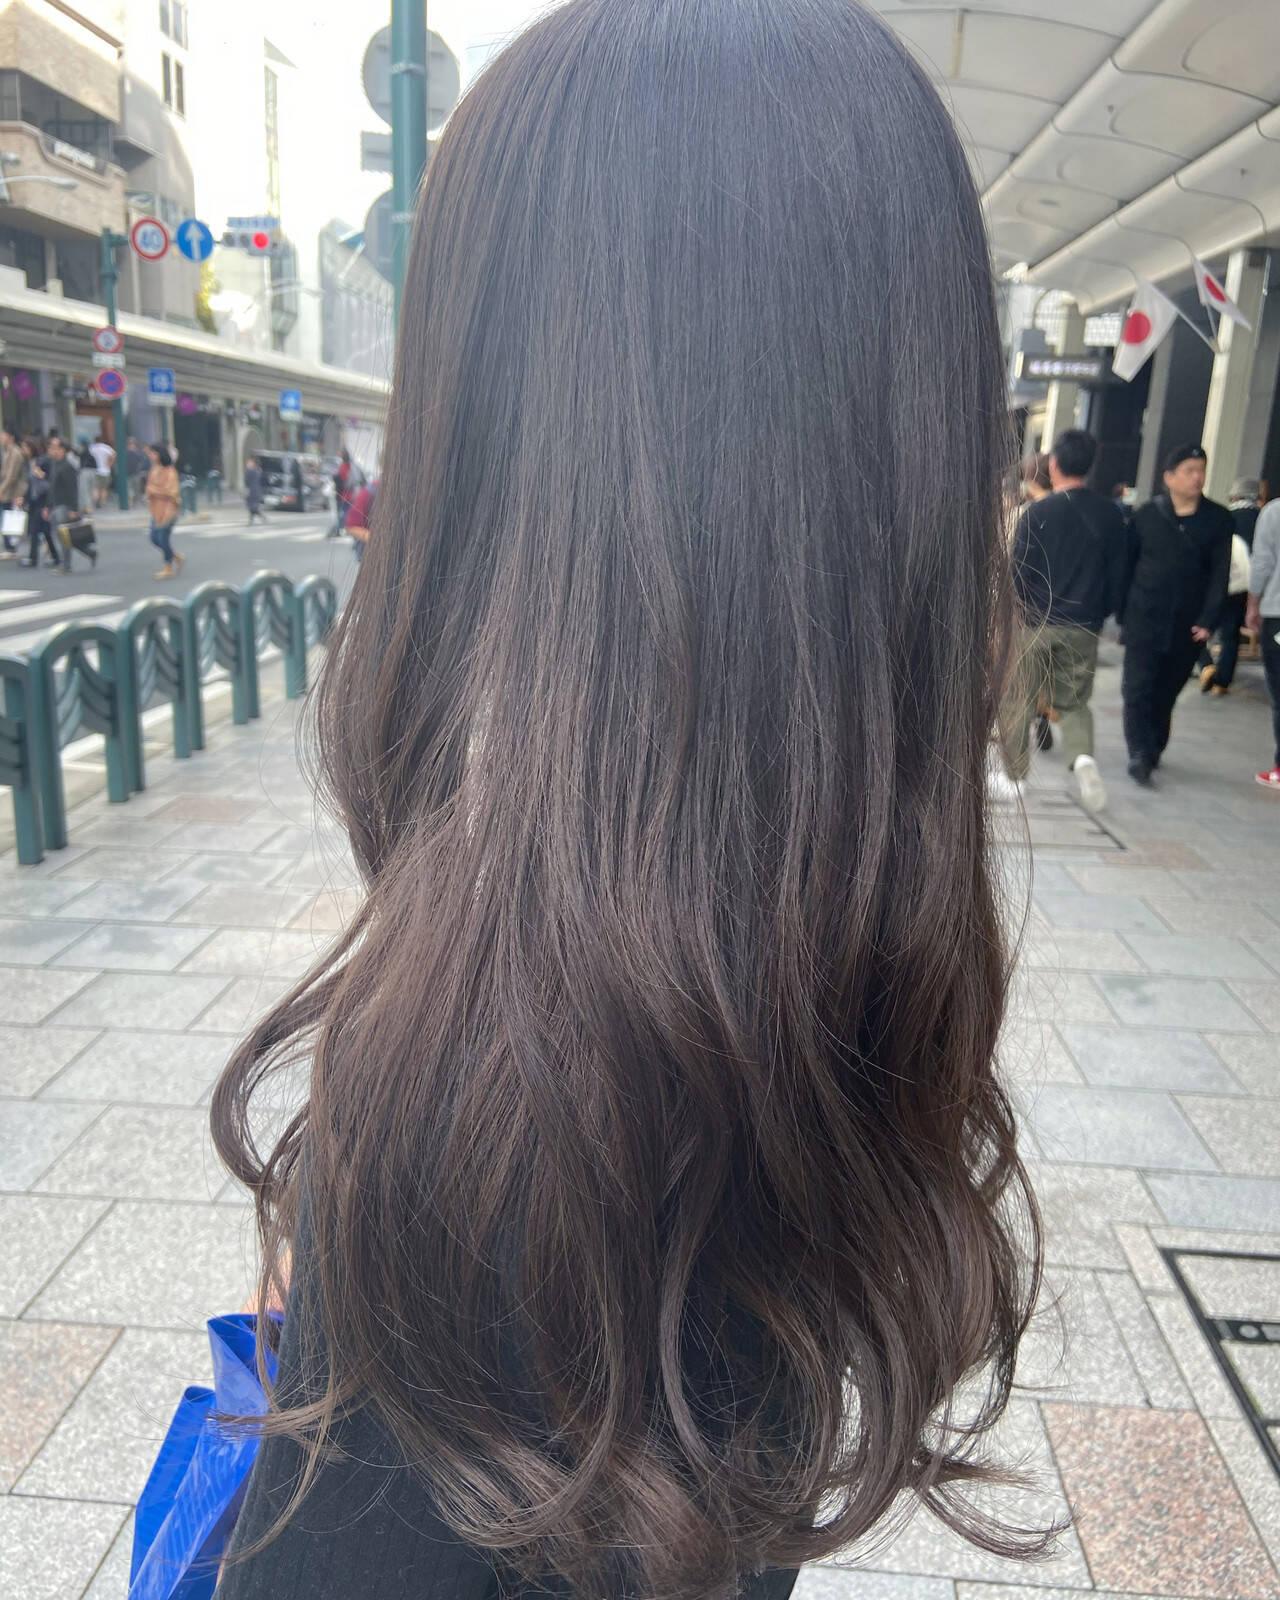 グラデーションカラー アッシュグラデーション グラデーション ネイビーブルーヘアスタイルや髪型の写真・画像